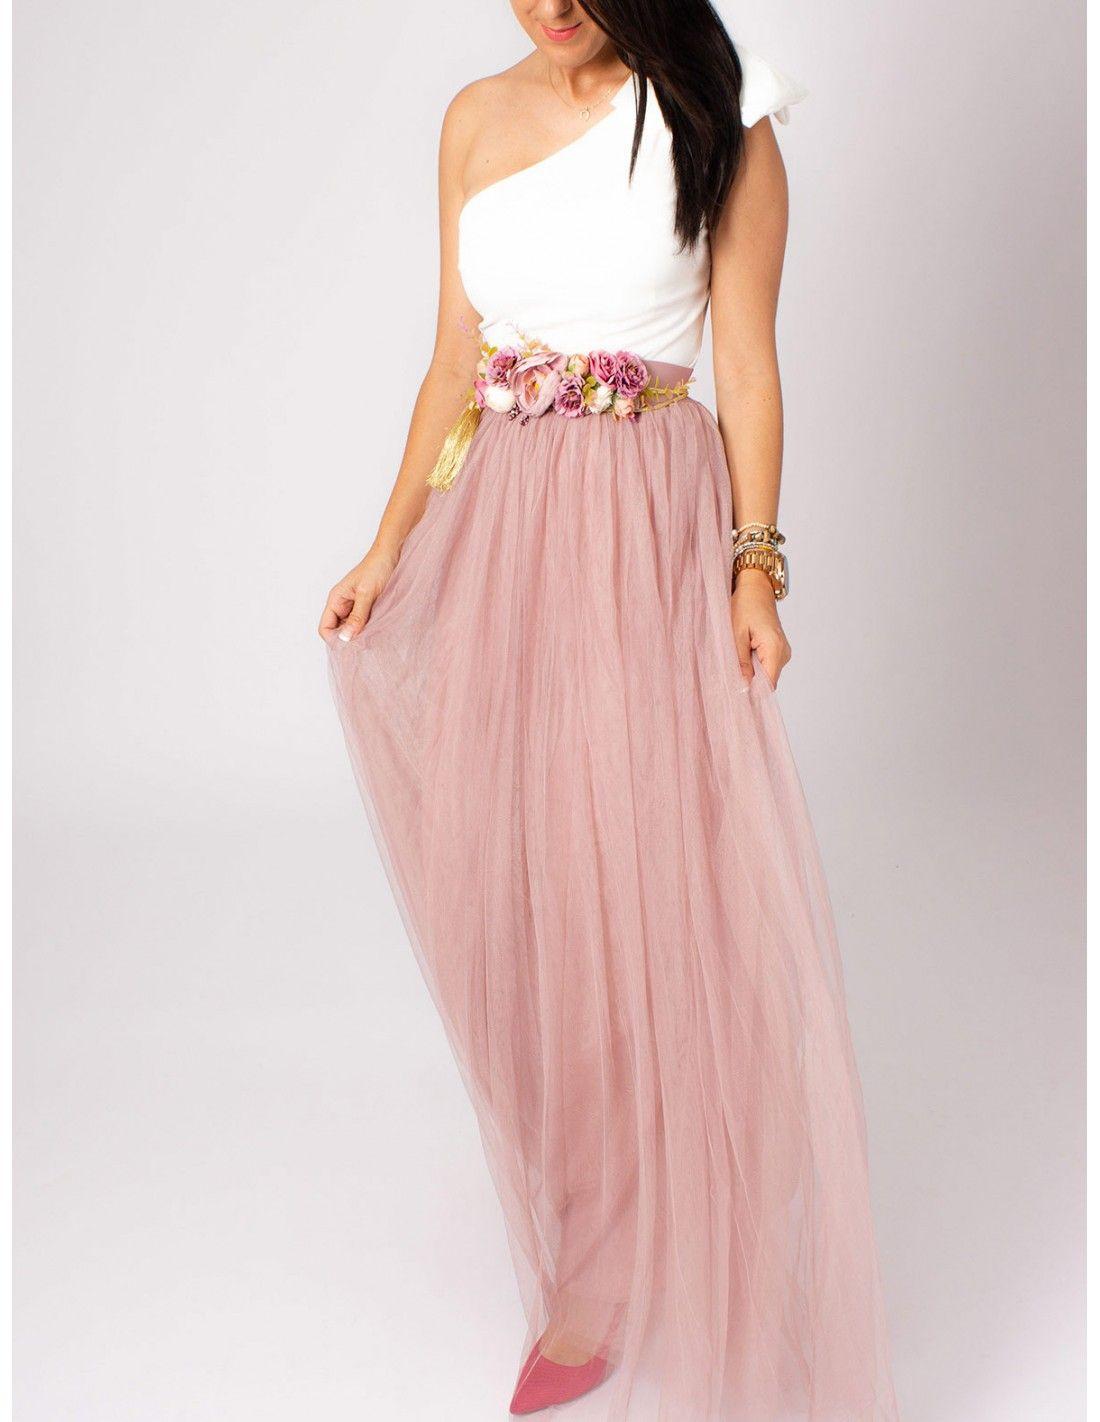 3fb3623a1 Falda Bianca - Falda larga de tul en color rosa. Cintura elástica ...